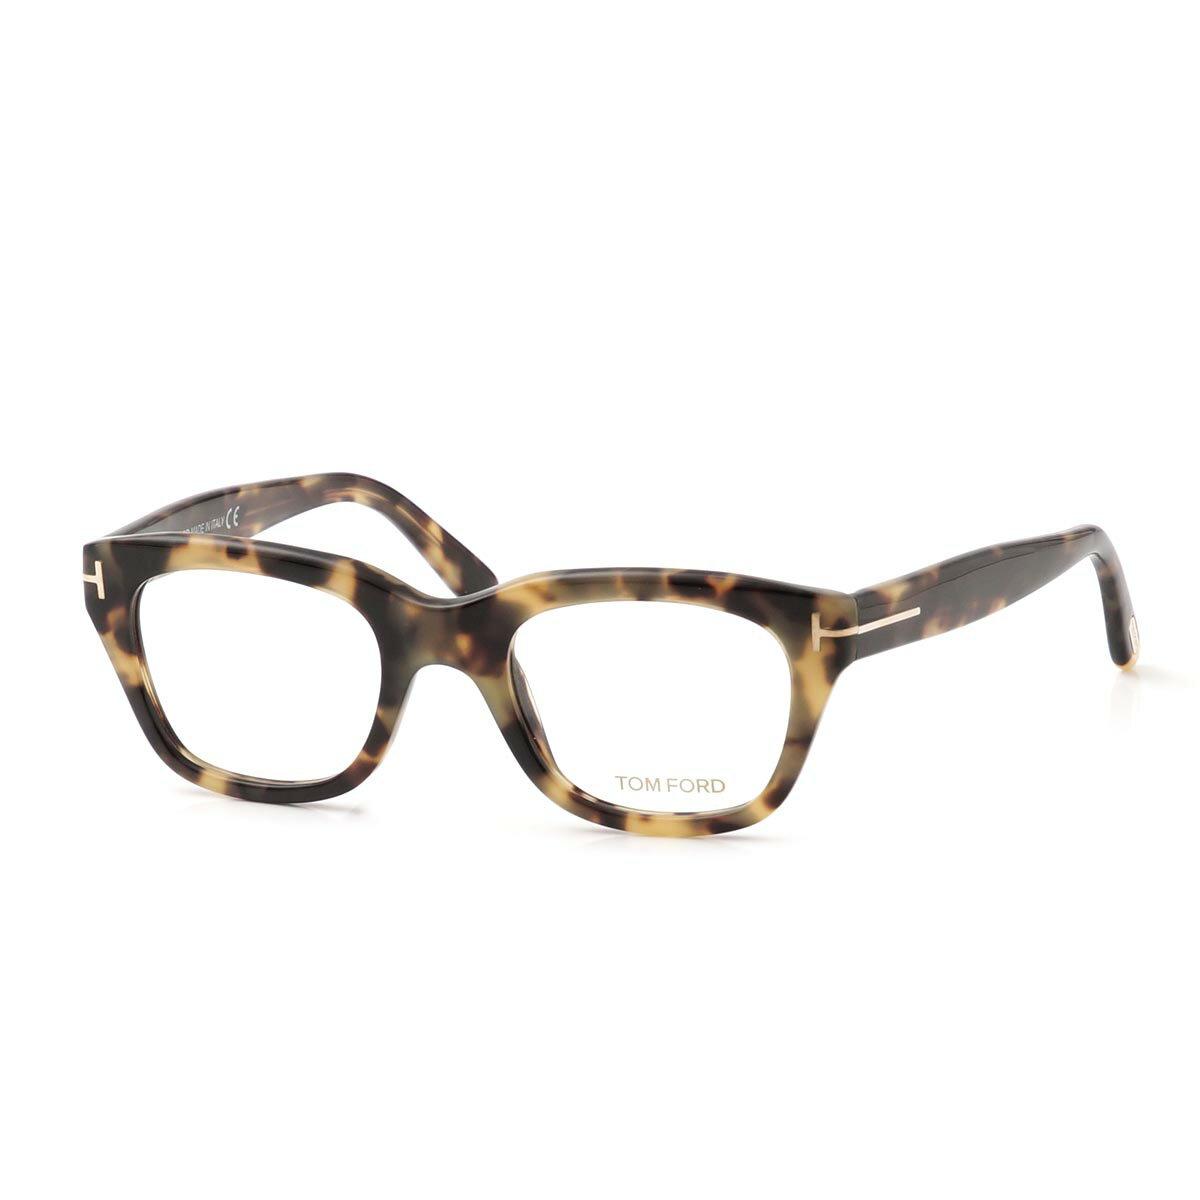 トムフォード TOM FORD 眼鏡 メガネ フレーム ベージュ メンズ レディース ft5178 055 ウェリントン【ラッピング無料】【返品送料無料】【170627】【あす楽対応_関東】